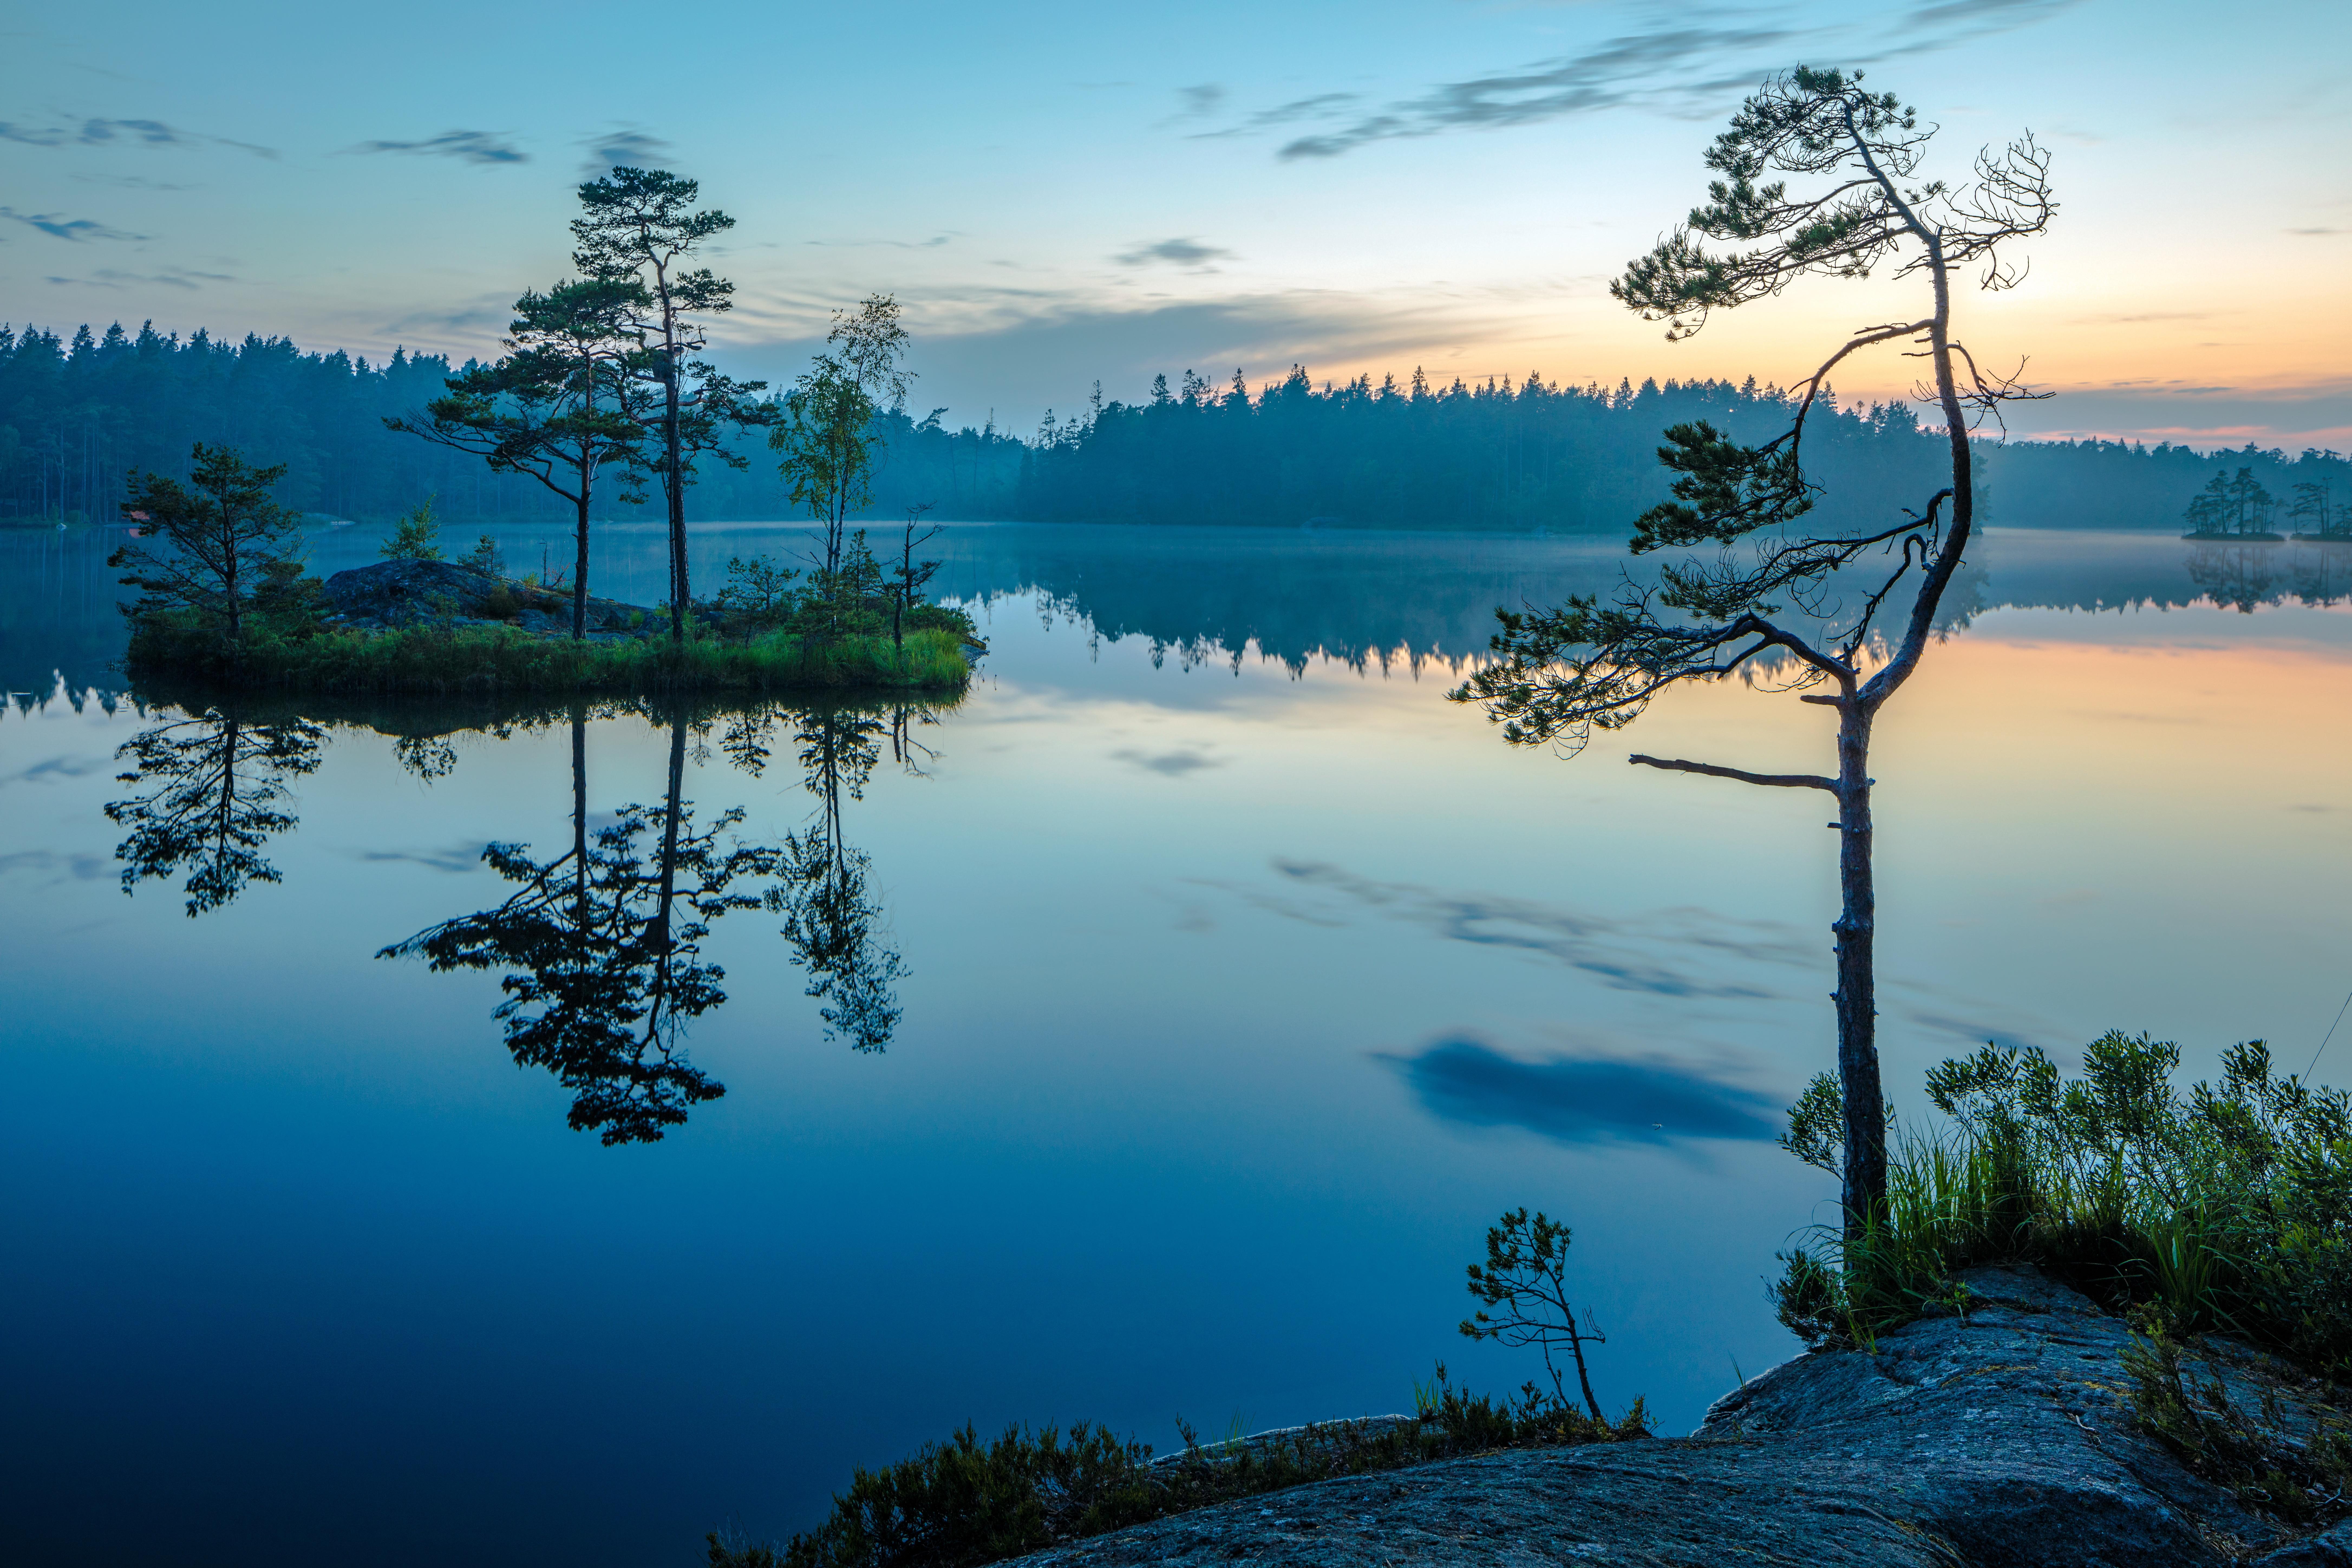 обои полночь, зеркальное отображение воды, Национальный парк, Швеция картинки фото